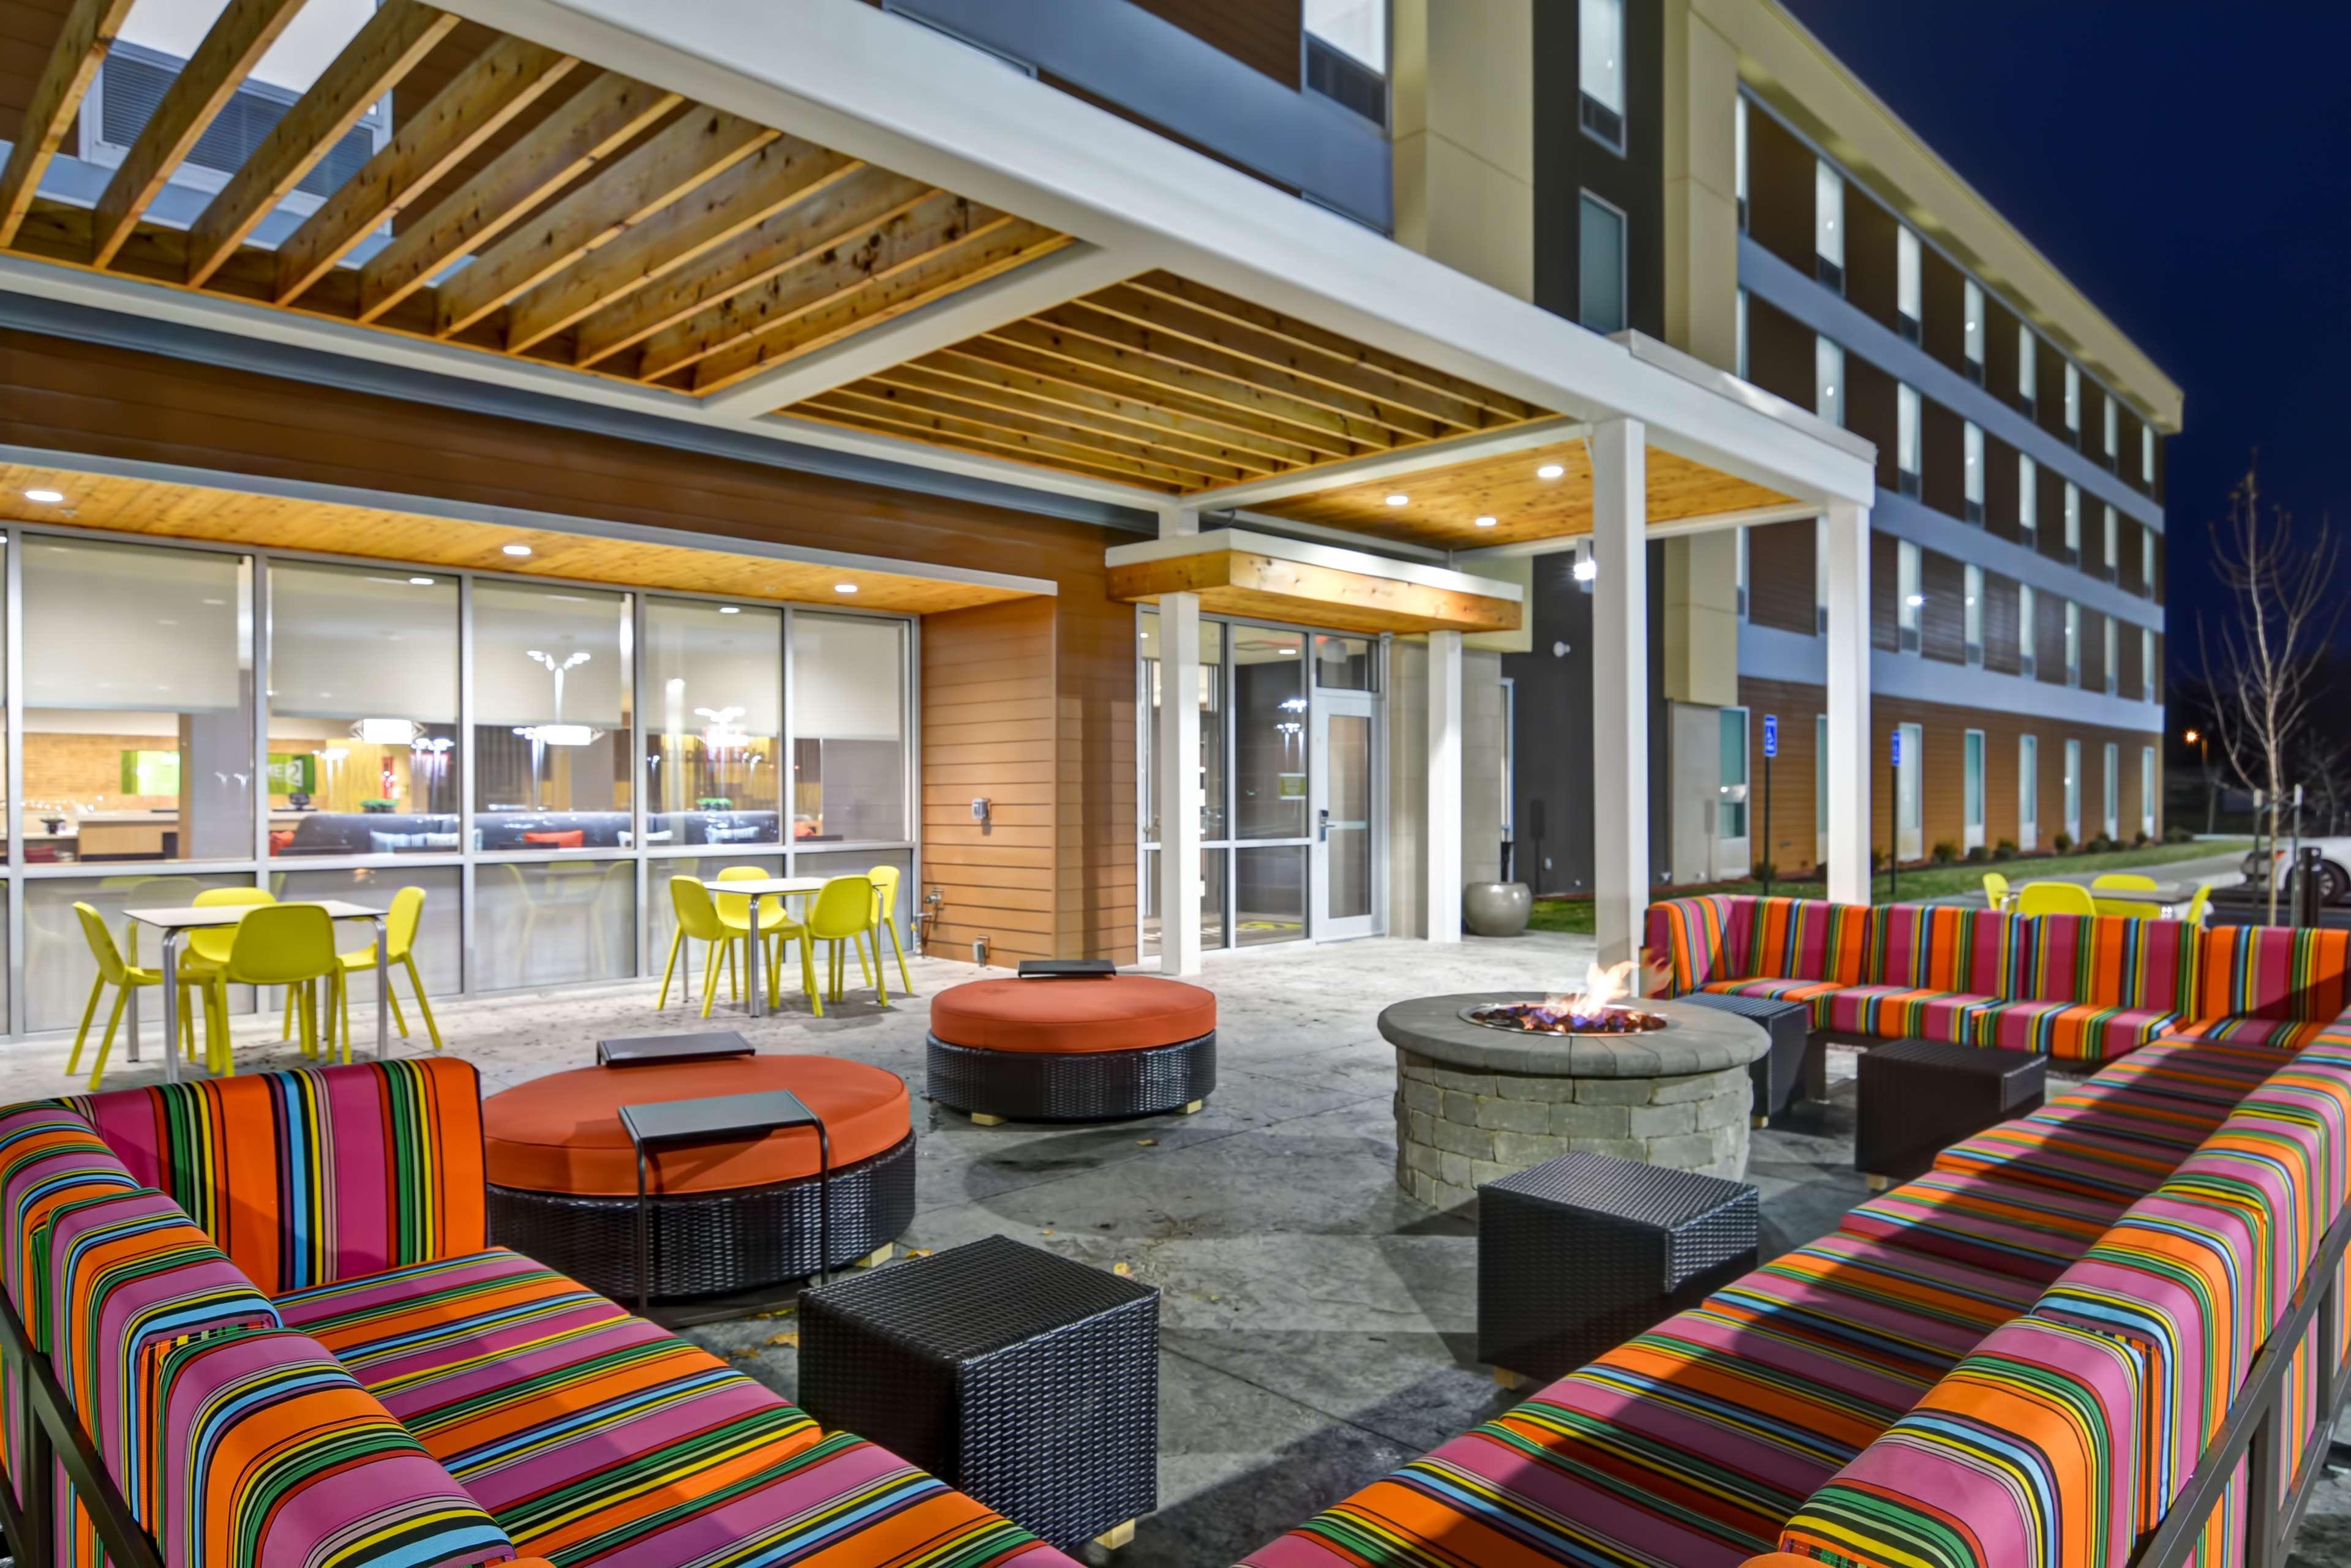 Home2 Suites by Hilton Lafayette image 4